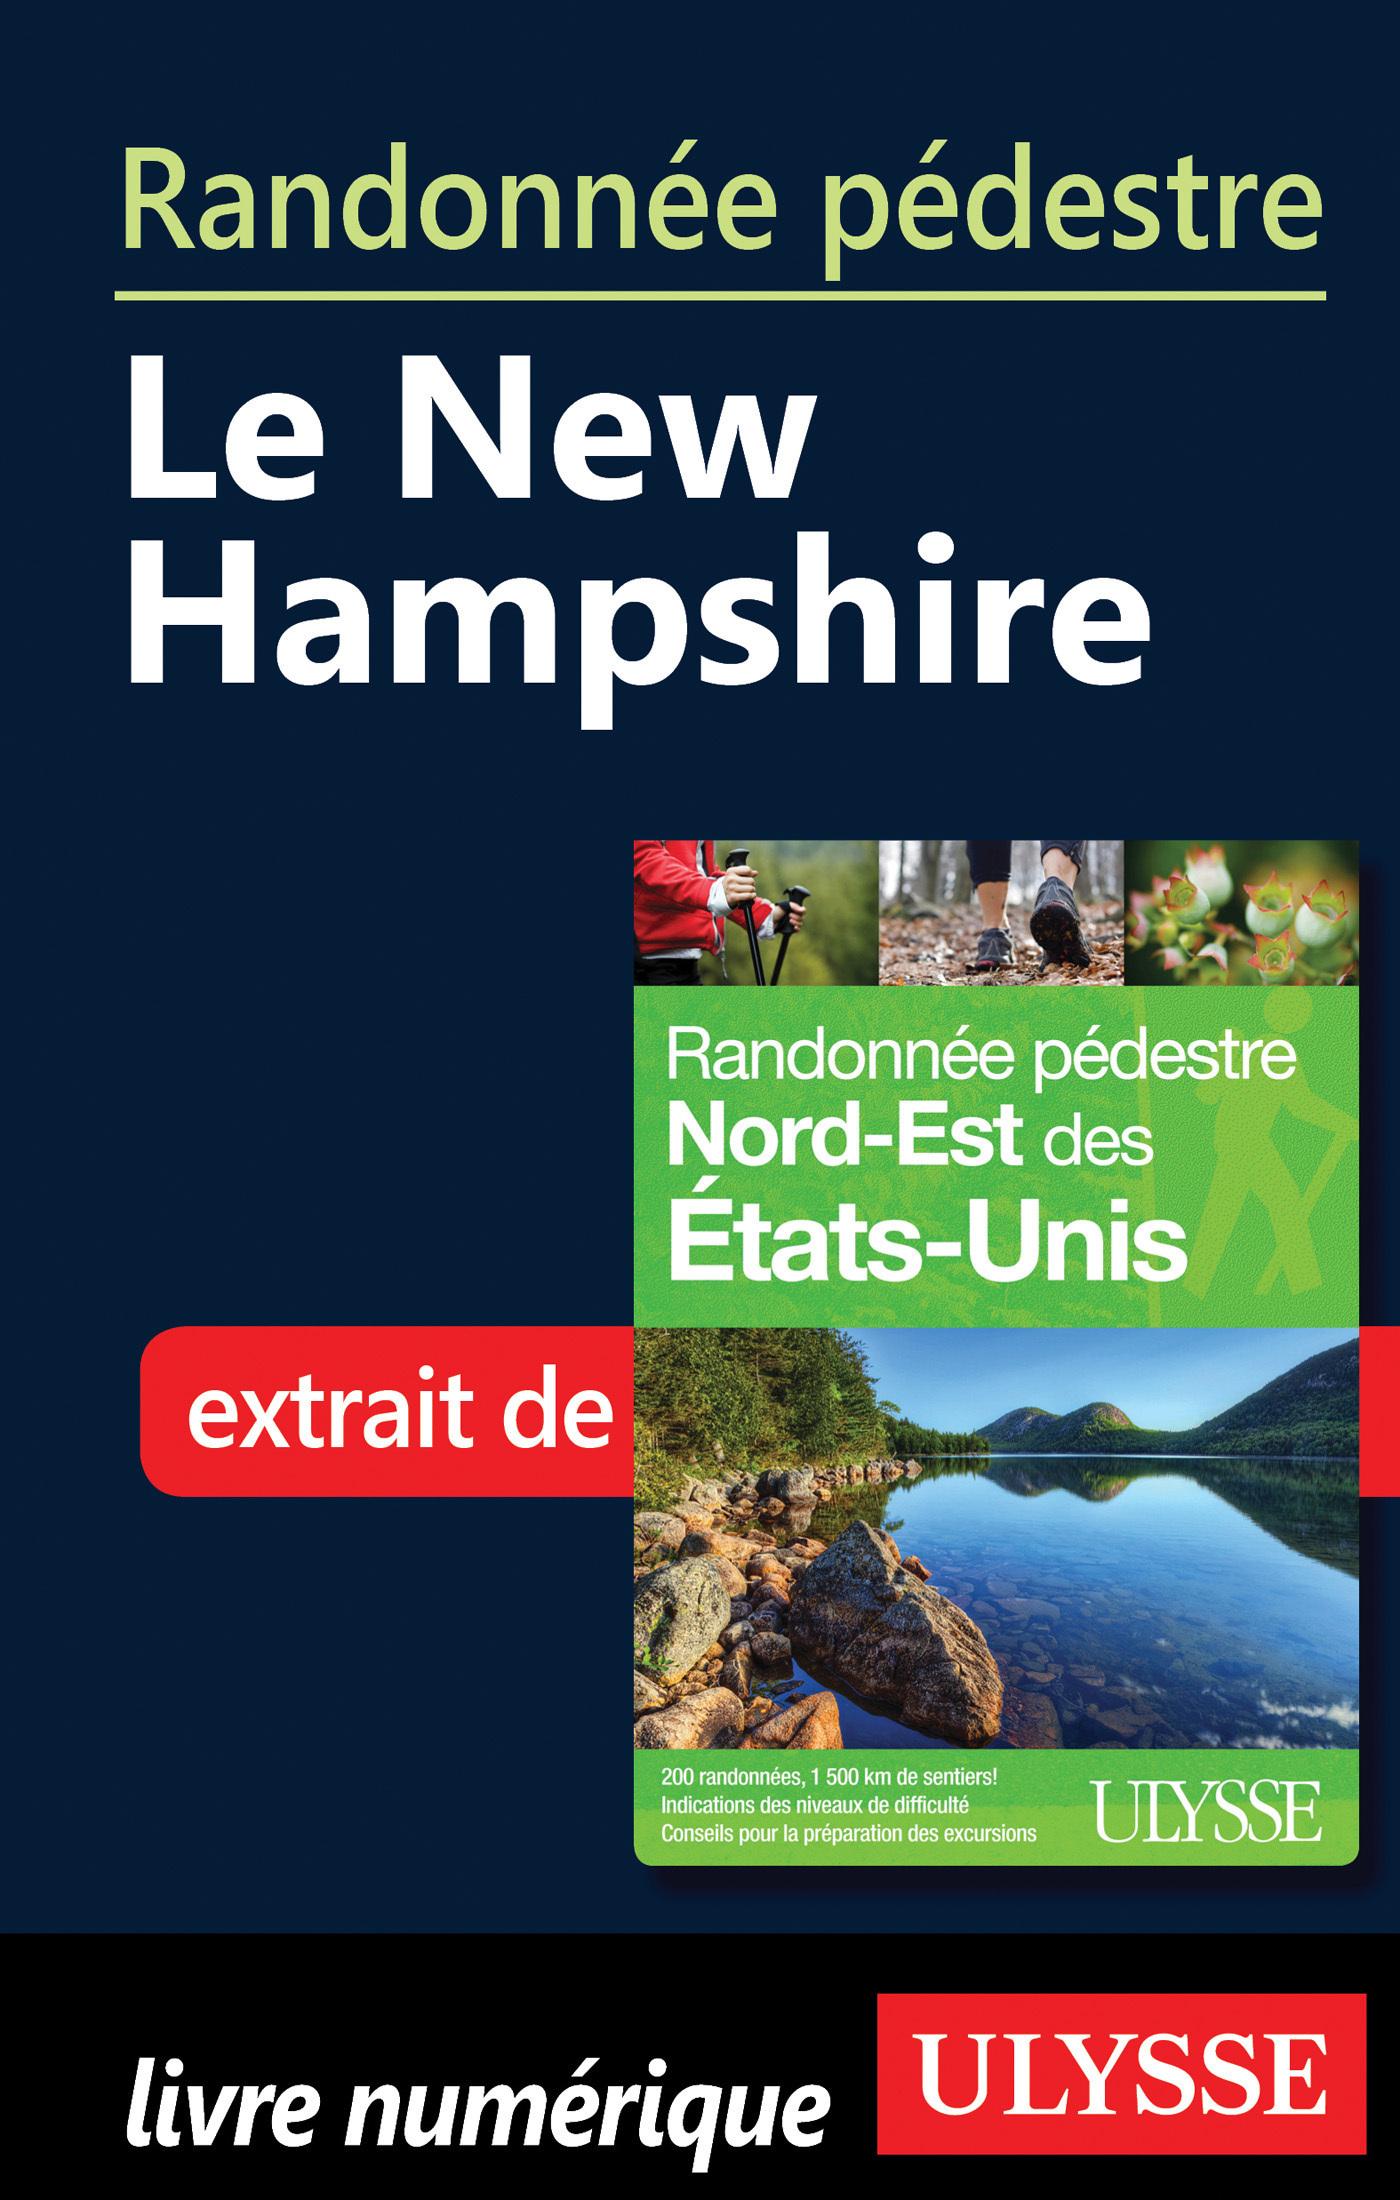 Randonnée pédestre - Le New Hampshire